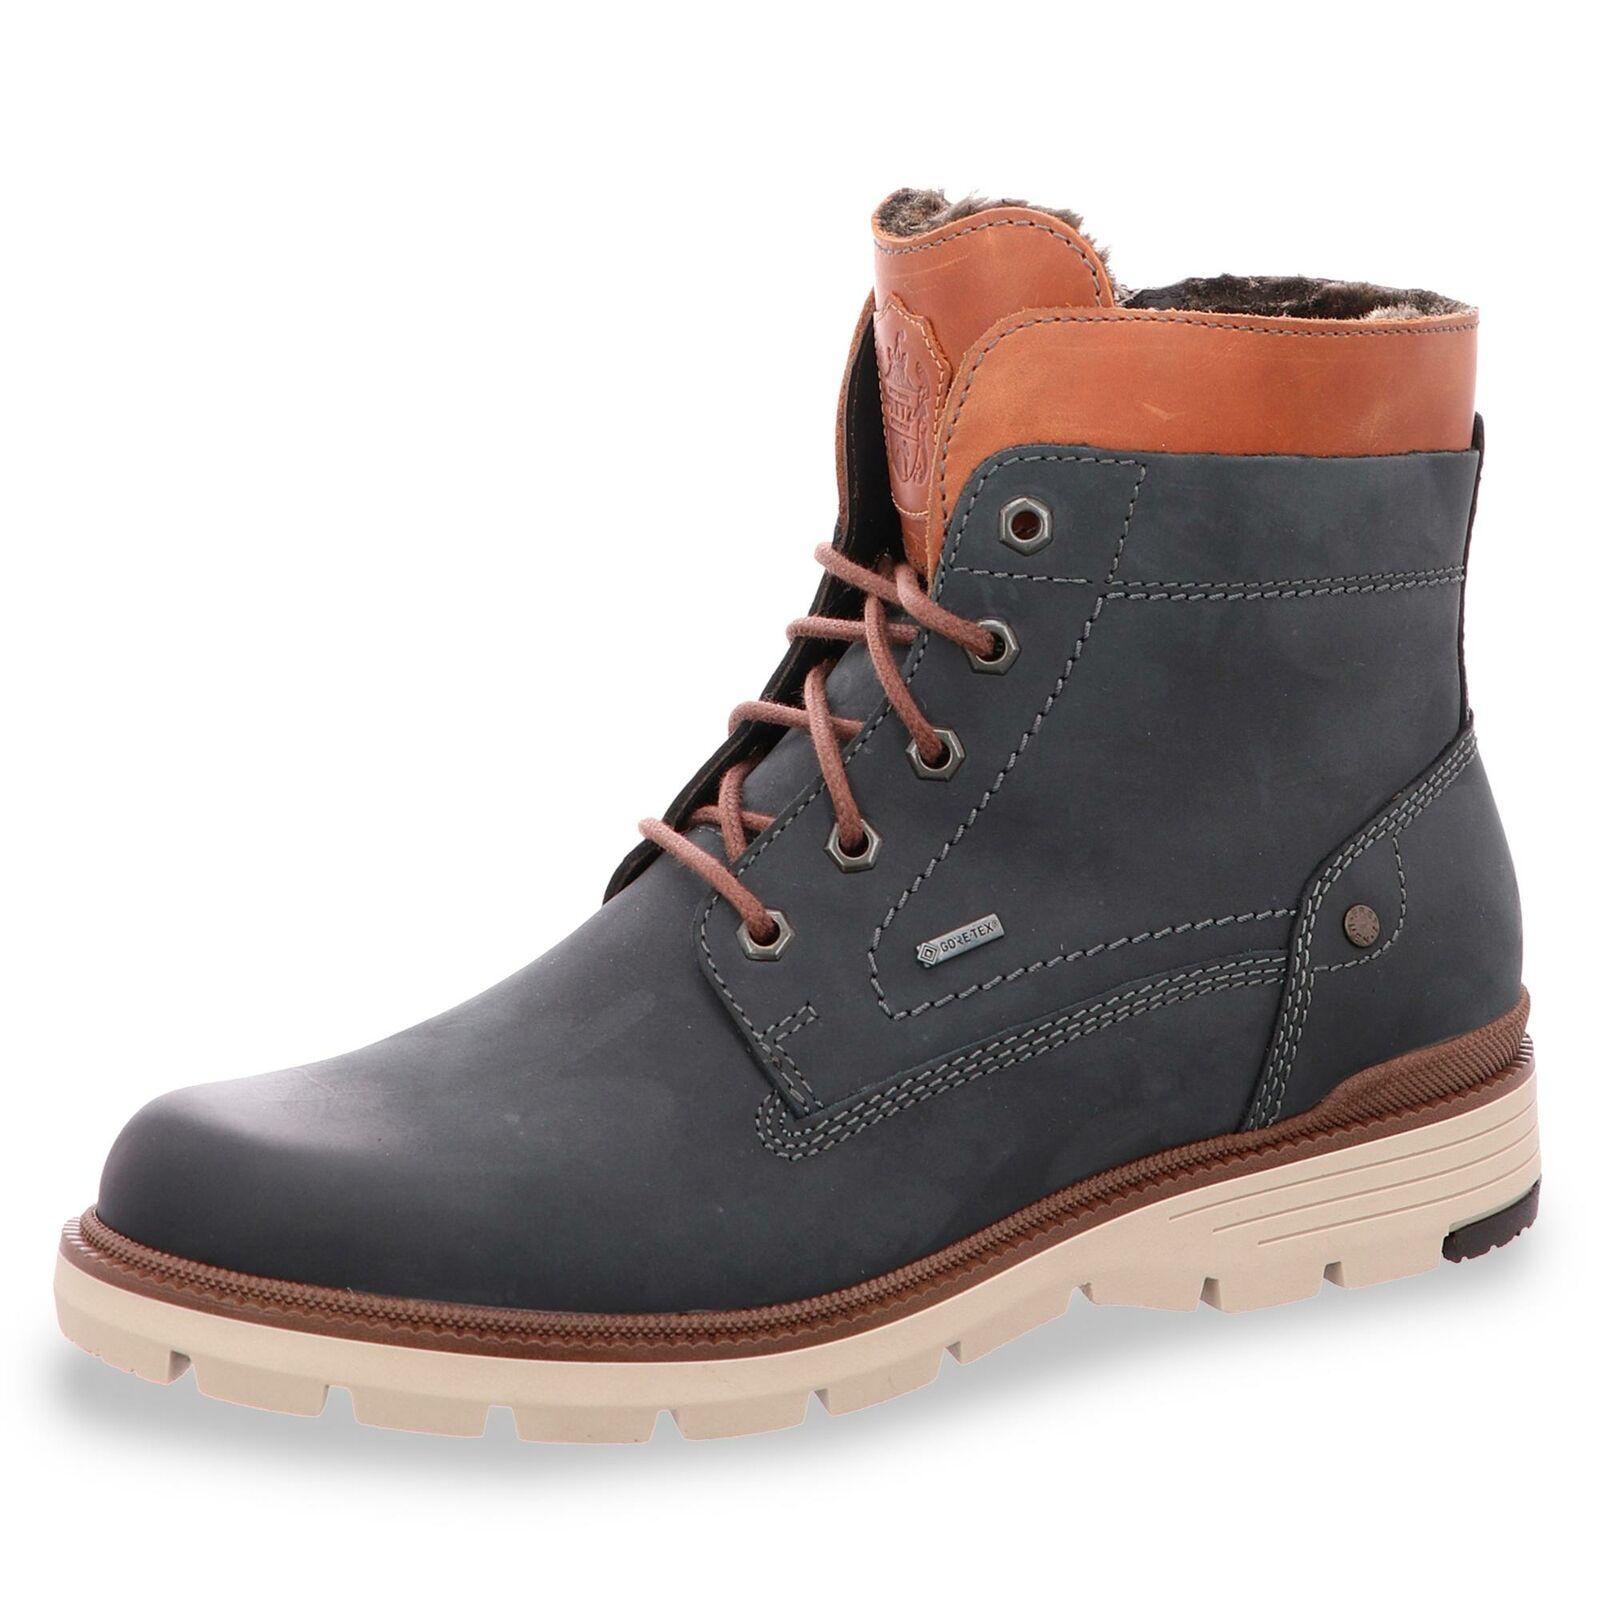 Fretz Herren GORE-TEX® Stiefel Schnürstiefelette Winterschuhe Stiefel Schuhe blau